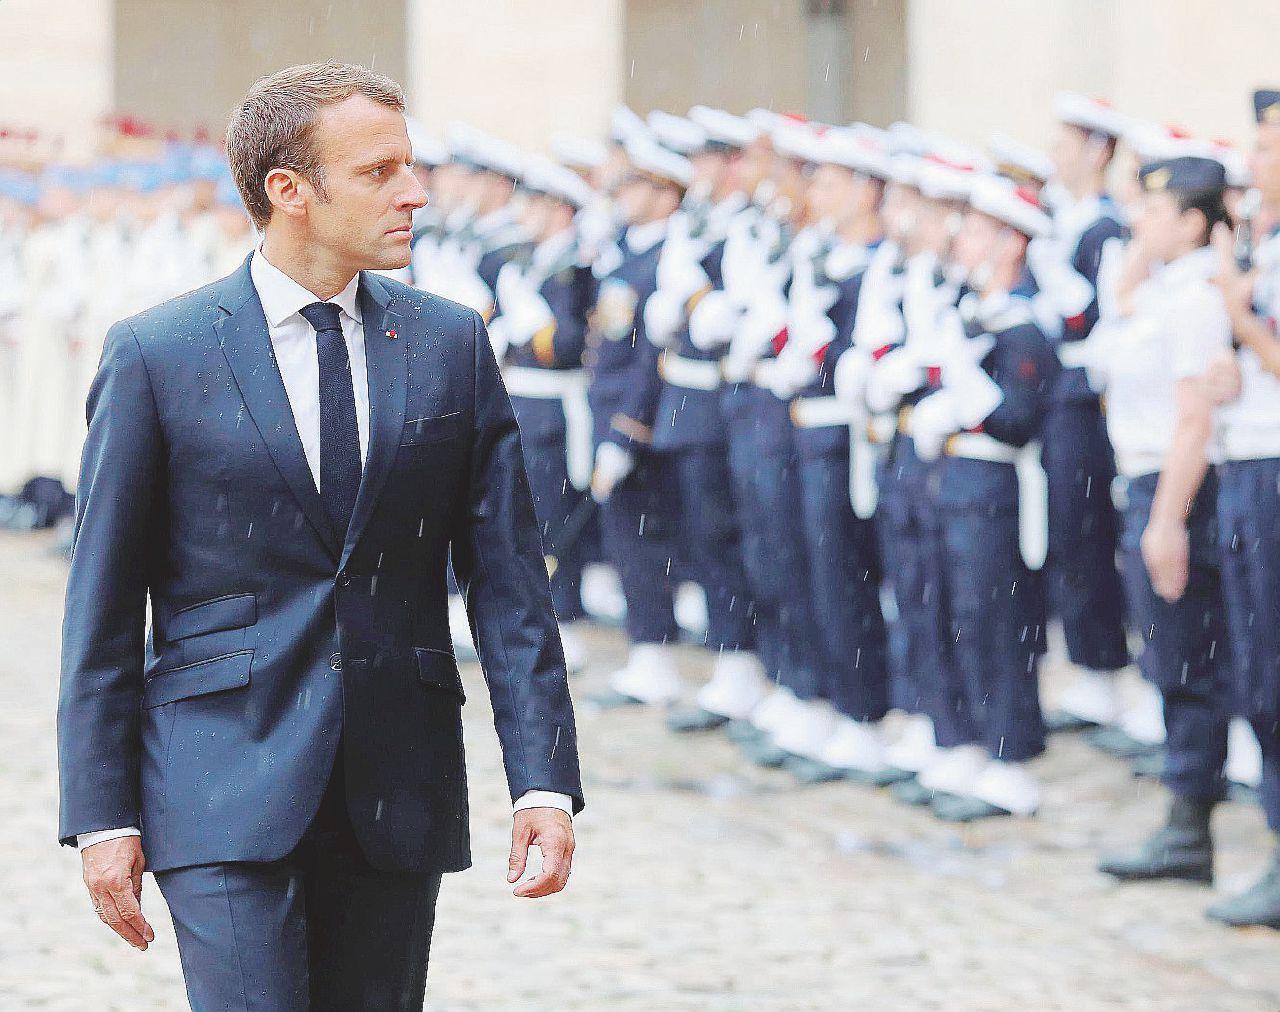 Macron attacca sui rifugiati pensando a banche e Libia